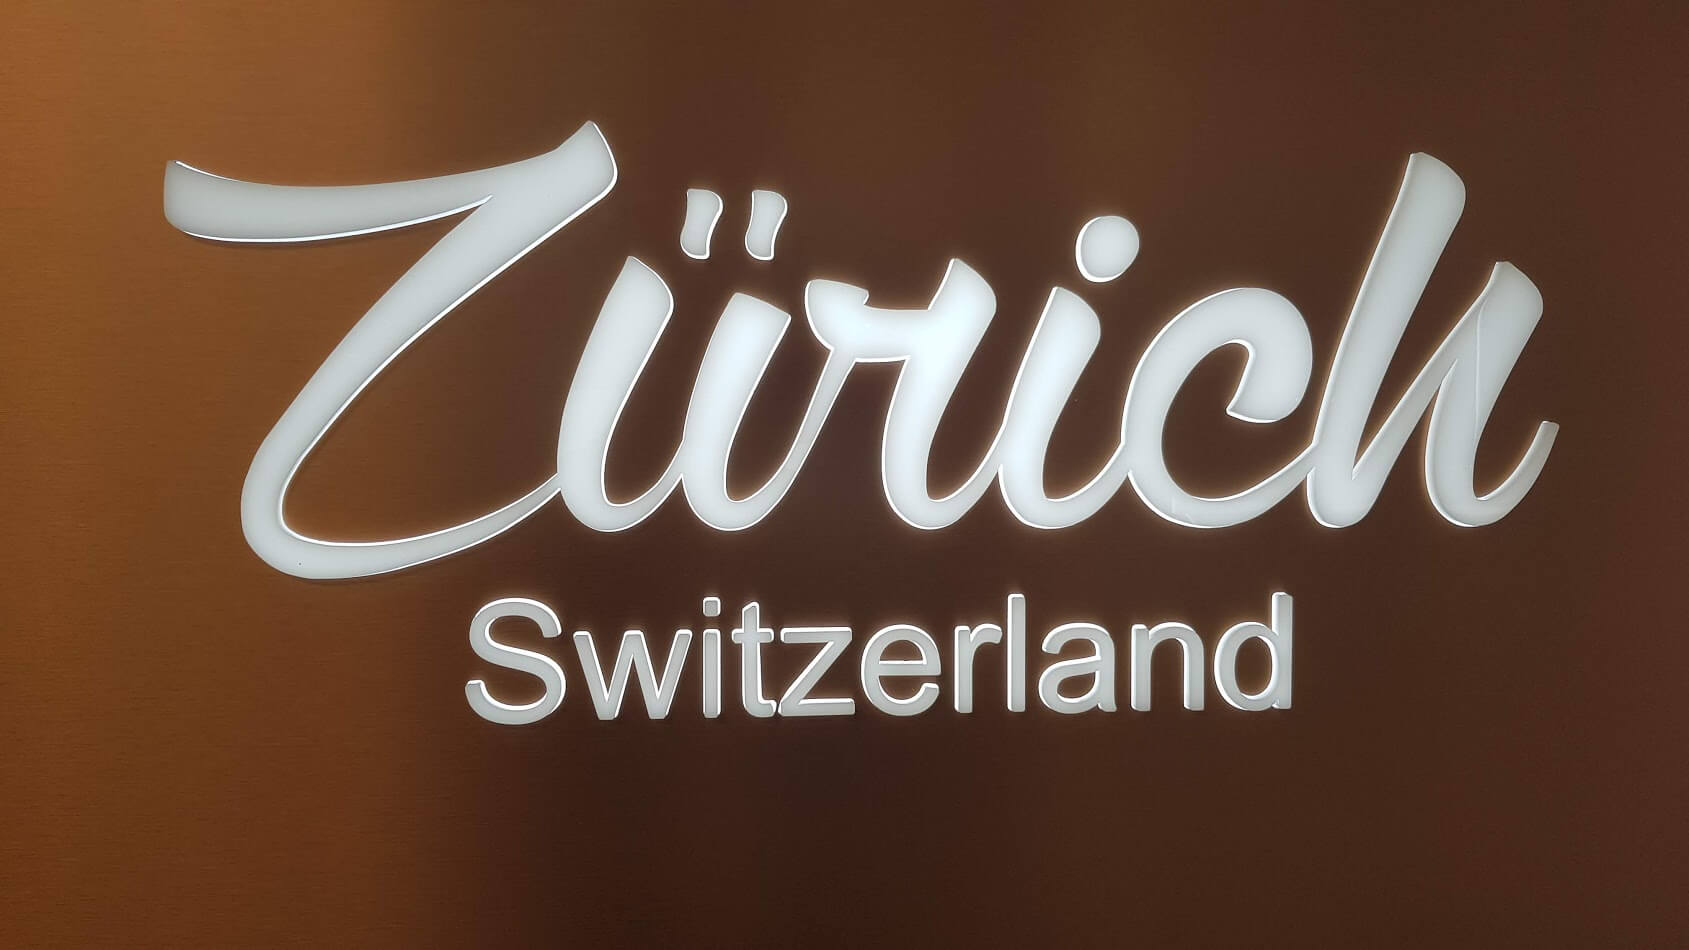 Profil Steckbuchstarben Zürich hinterleuchtet